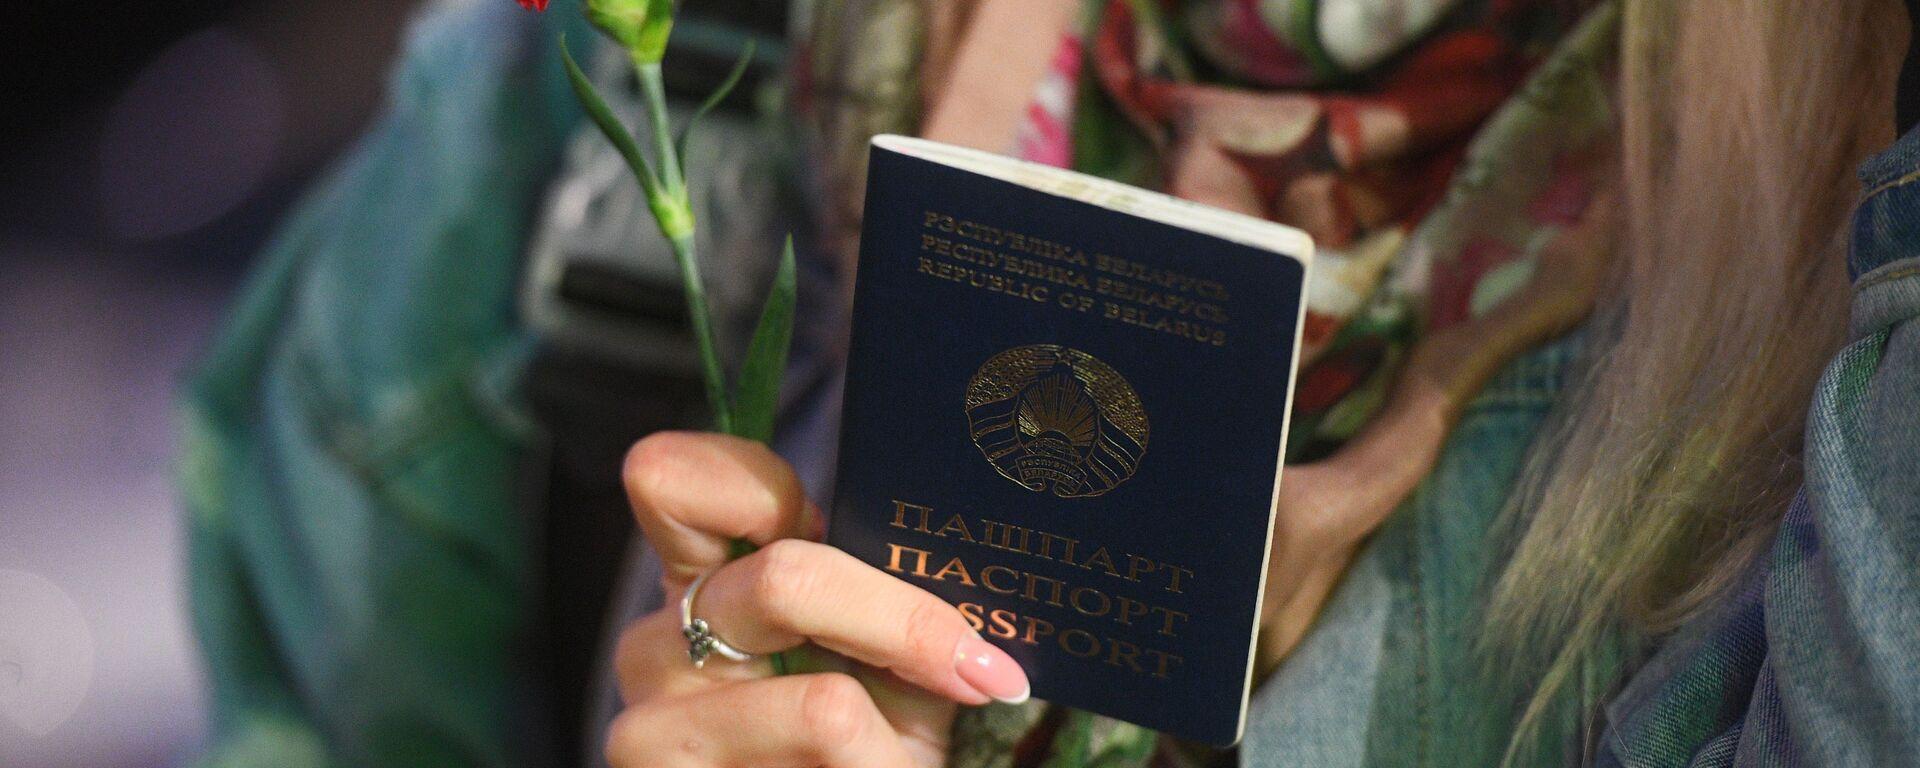 Паспорт гражданина Белоруссии - Sputnik Латвия, 1920, 06.04.2021